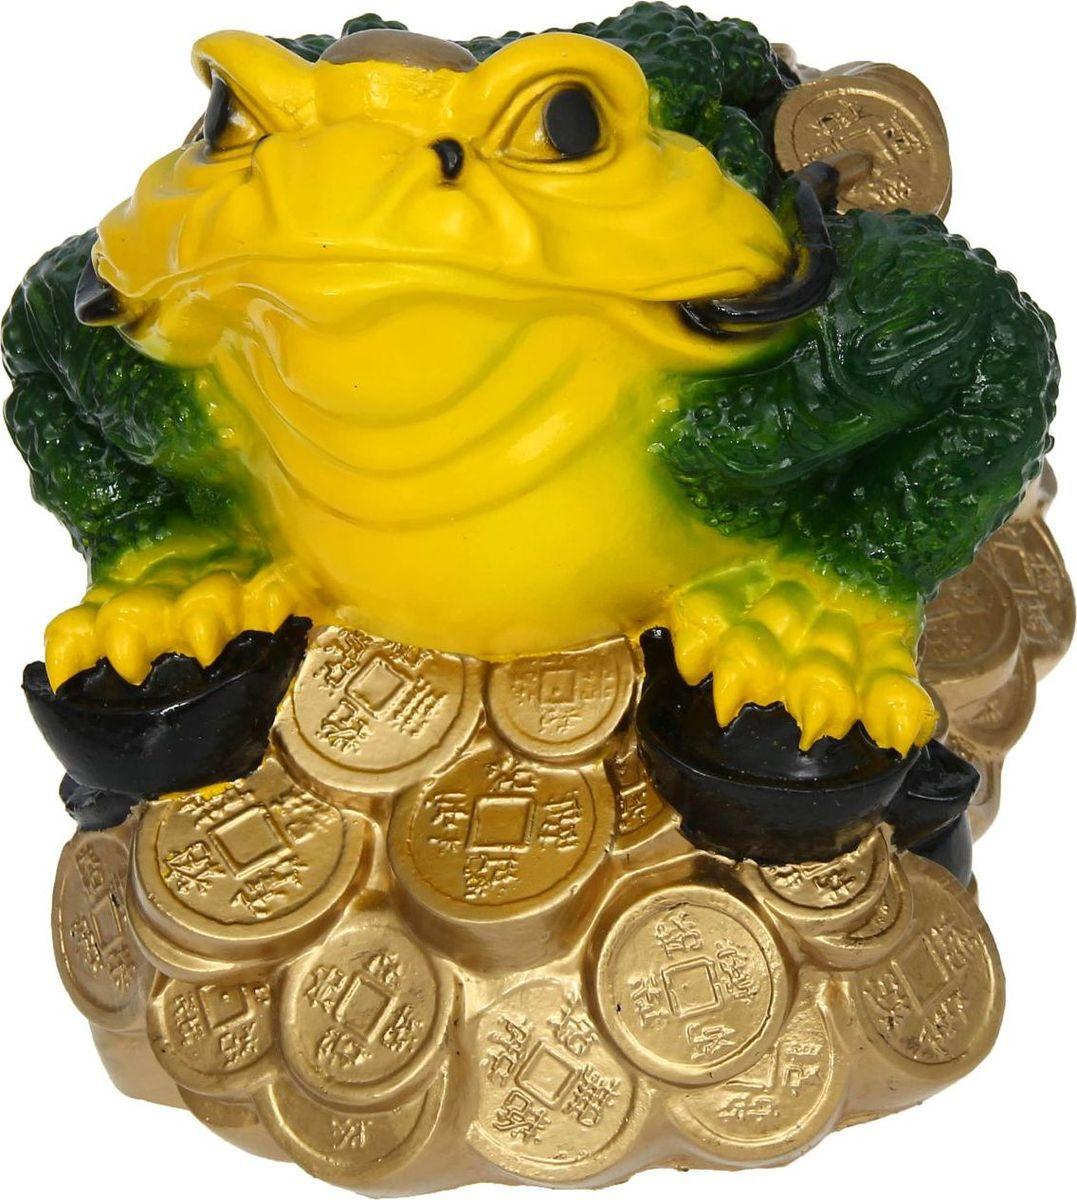 Копилка Жаба на монетах, 32 х 22 х 26 см435649Копилка — универсальный вариант подарка любому человеку, ведь каждый из нас мечтает о какой-то дорогостоящей вещи и откладывает или собирается откладывать деньги на её приобретение. Вместительная копилка станет прекрасным хранителем сбережений и украшением интерьера. Она выглядит так ярко и эффектно, что проходя мимо, обязательно захочется забросить пару монет.Обращаем ваше внимание, что копилка является одноразовой.